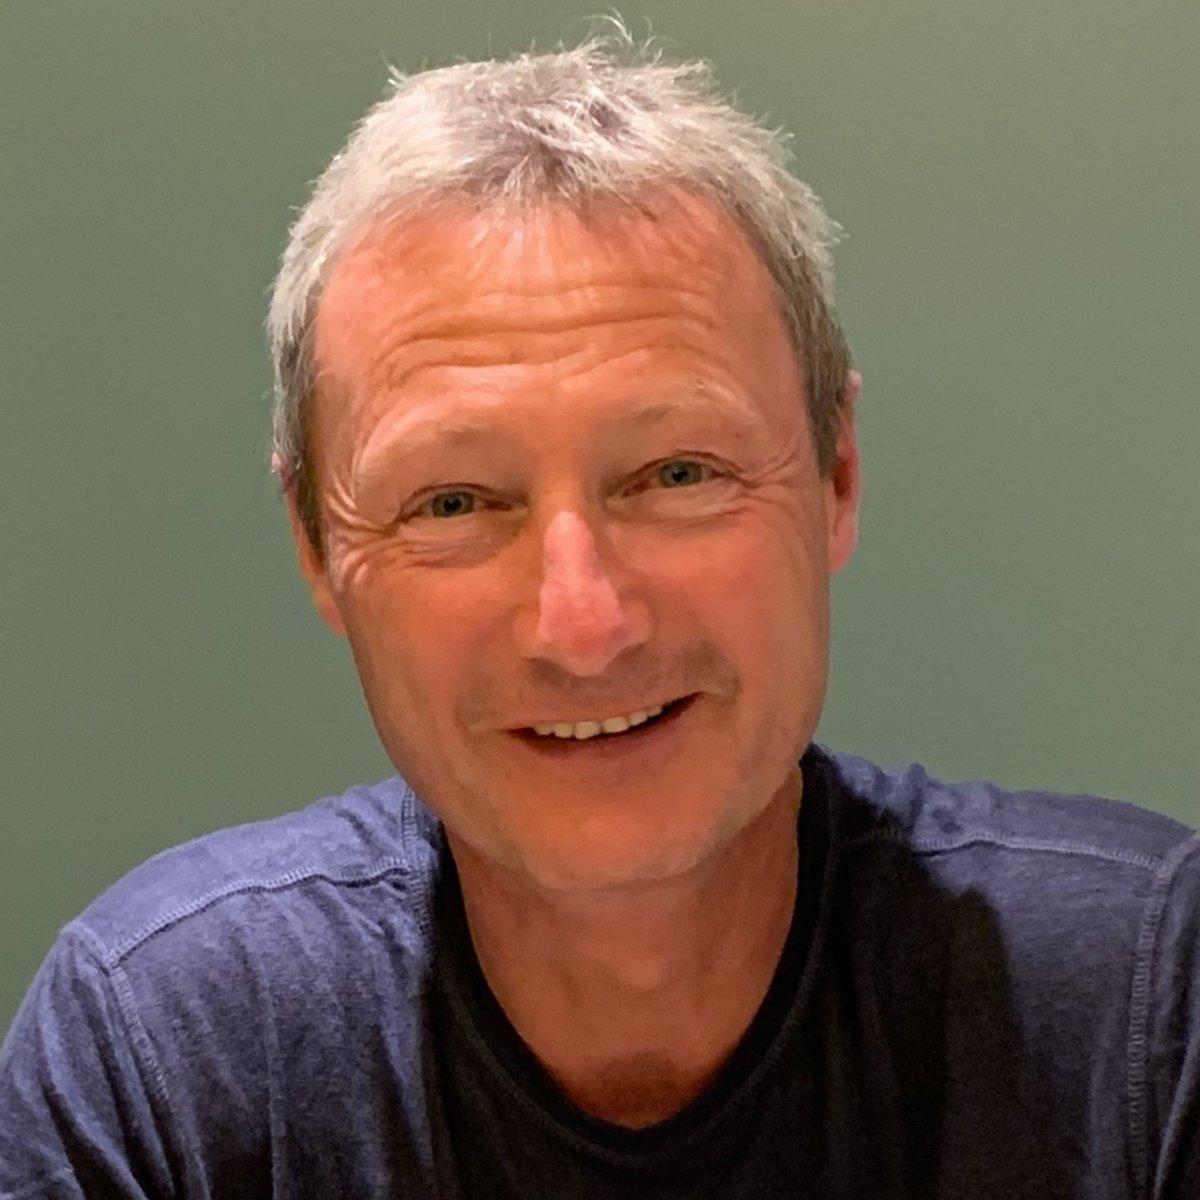 Stefan Hitthaler